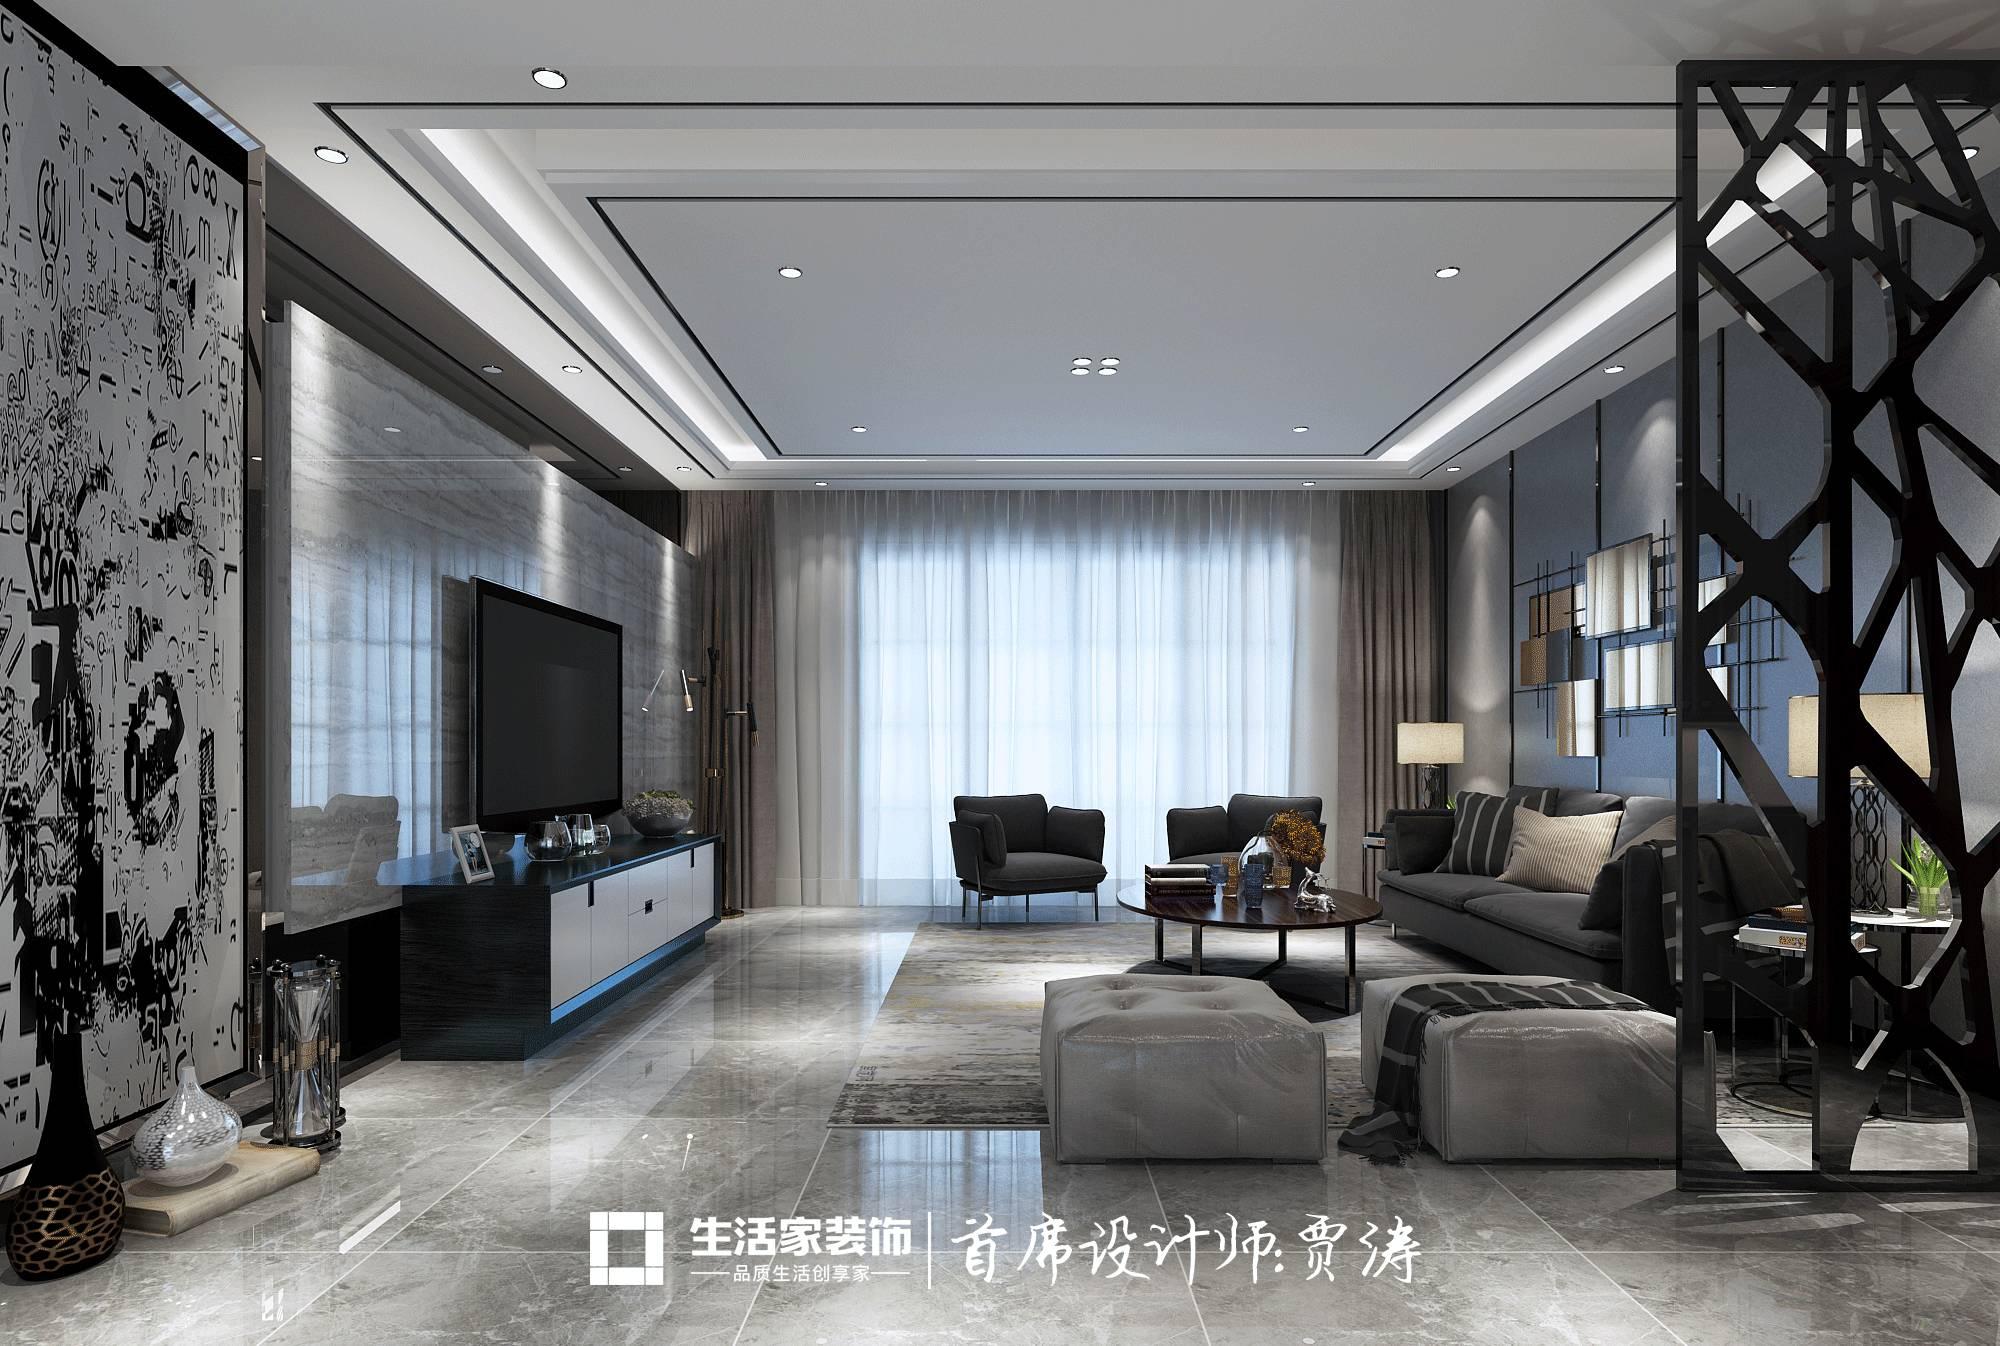 在后现代风格家居的空间 黑白灰三种色彩能给人跳跃视觉效果 高纯